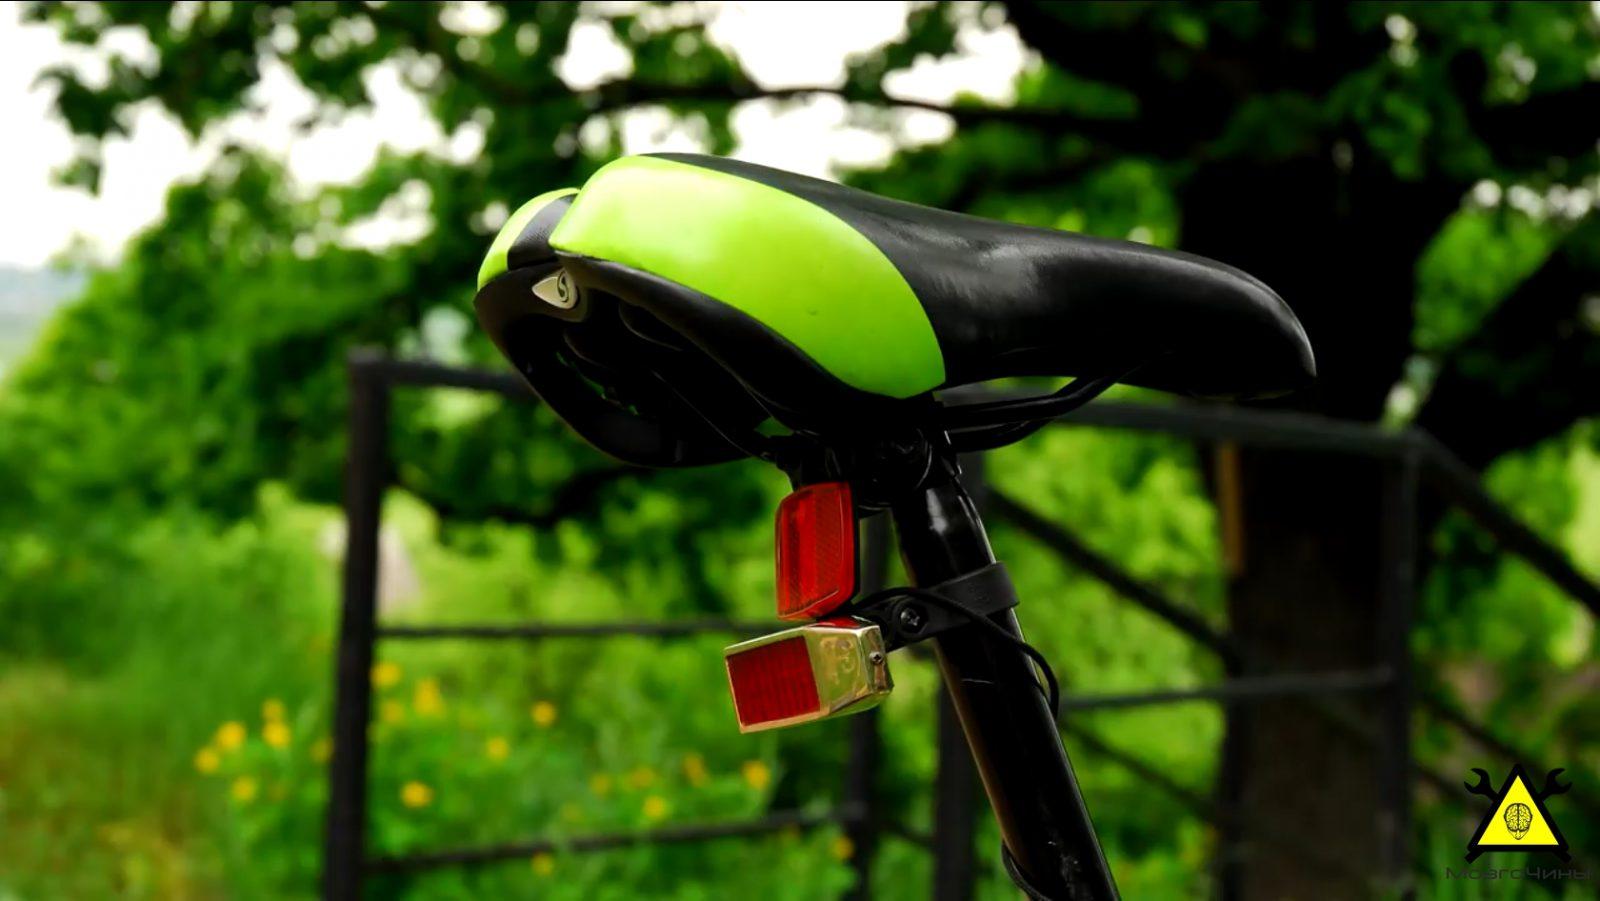 Стоп-сигнал для велосипеда (покупной и изготовленный) 19